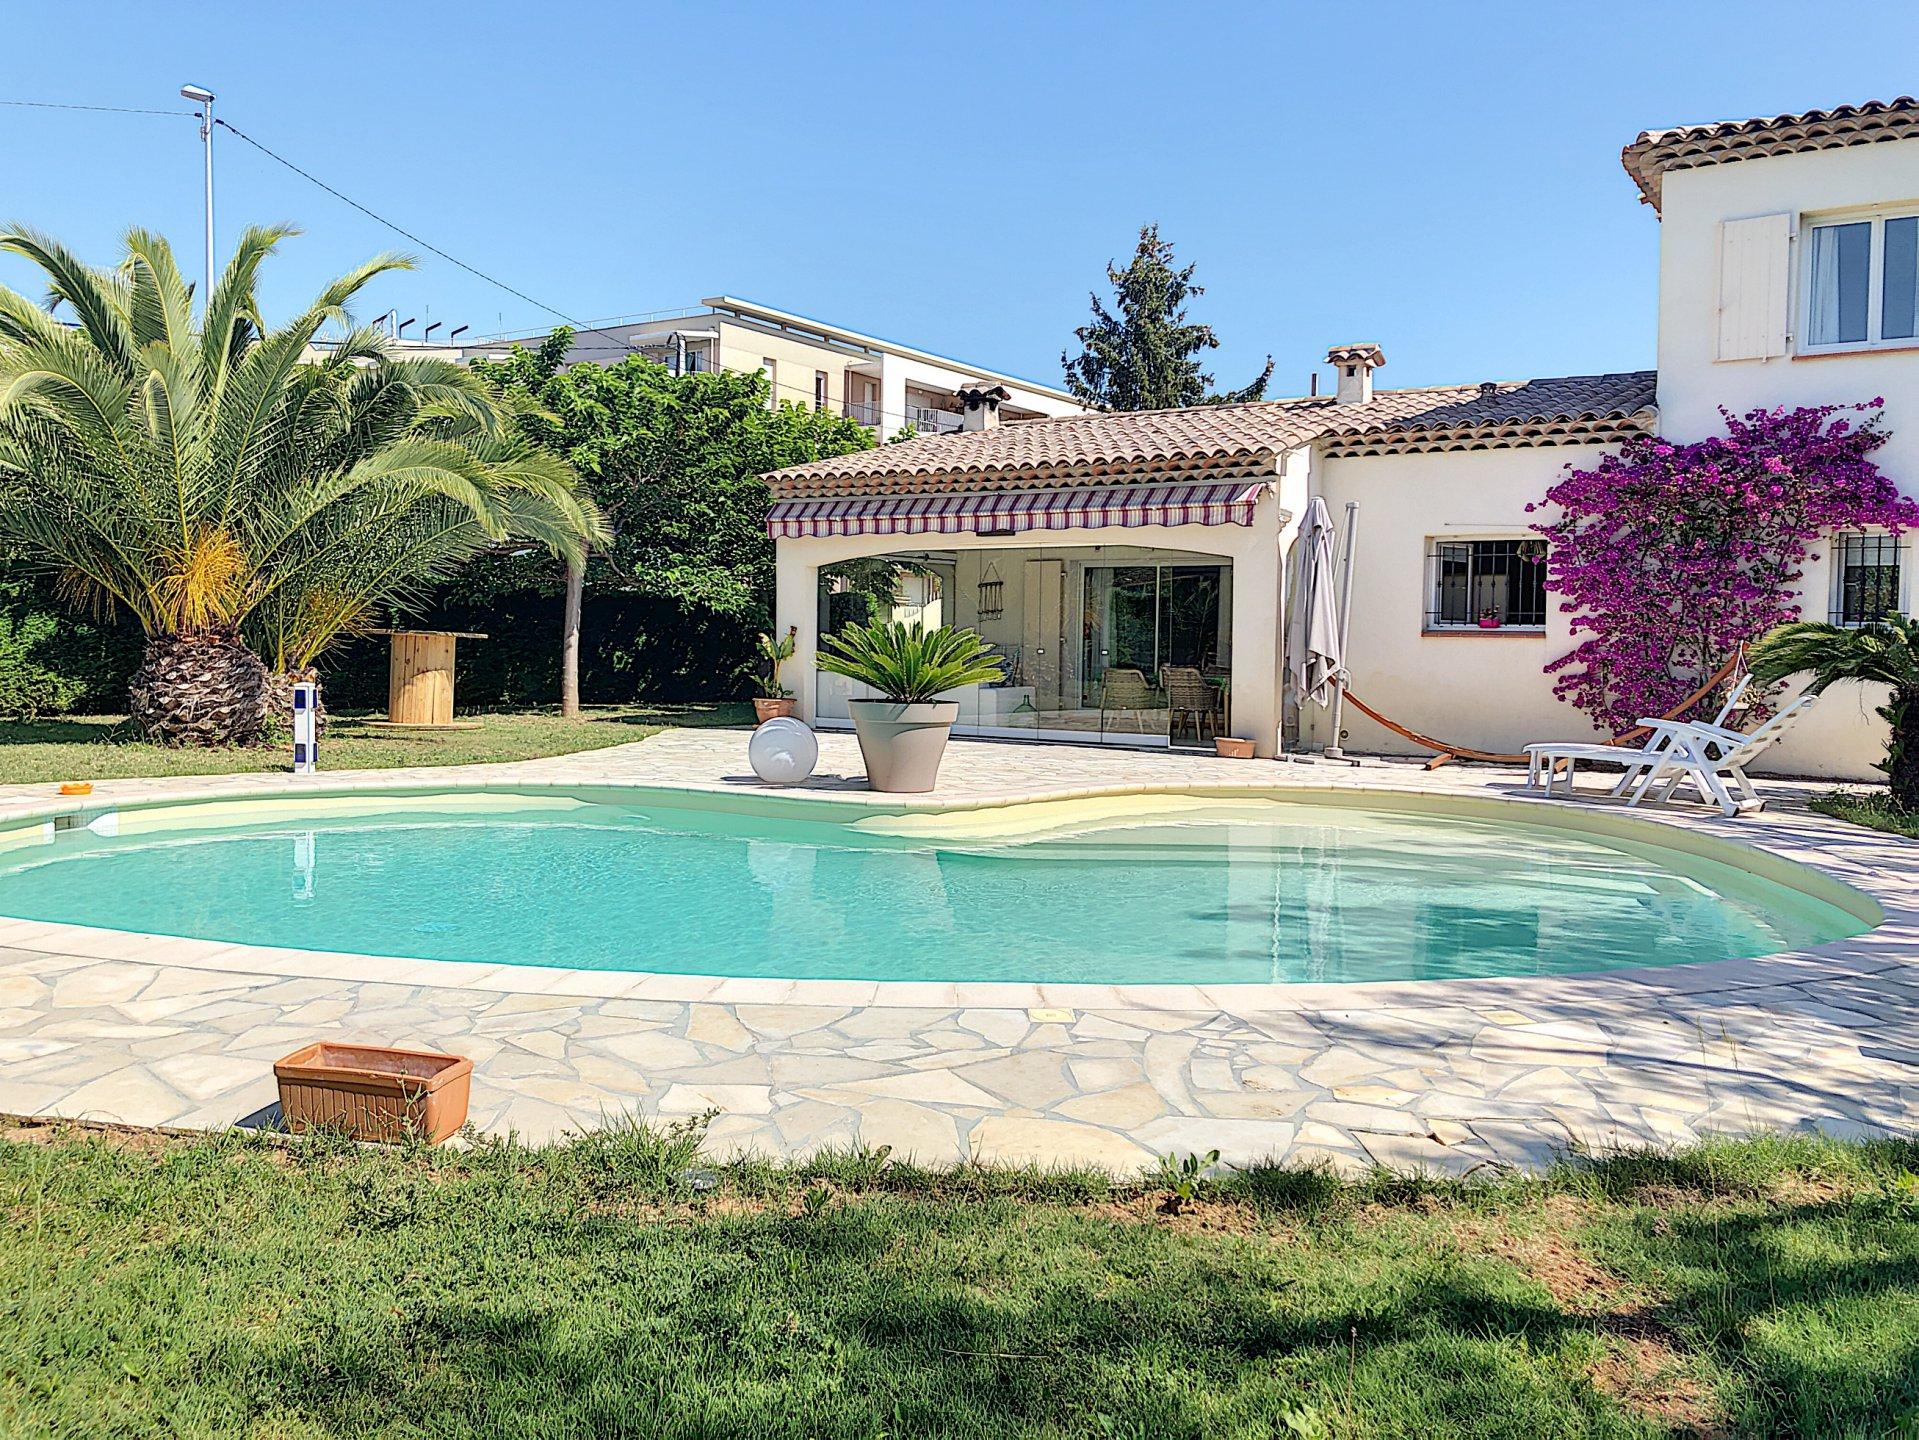 Carros Les Plans (06510) - villa individuelle - piscine